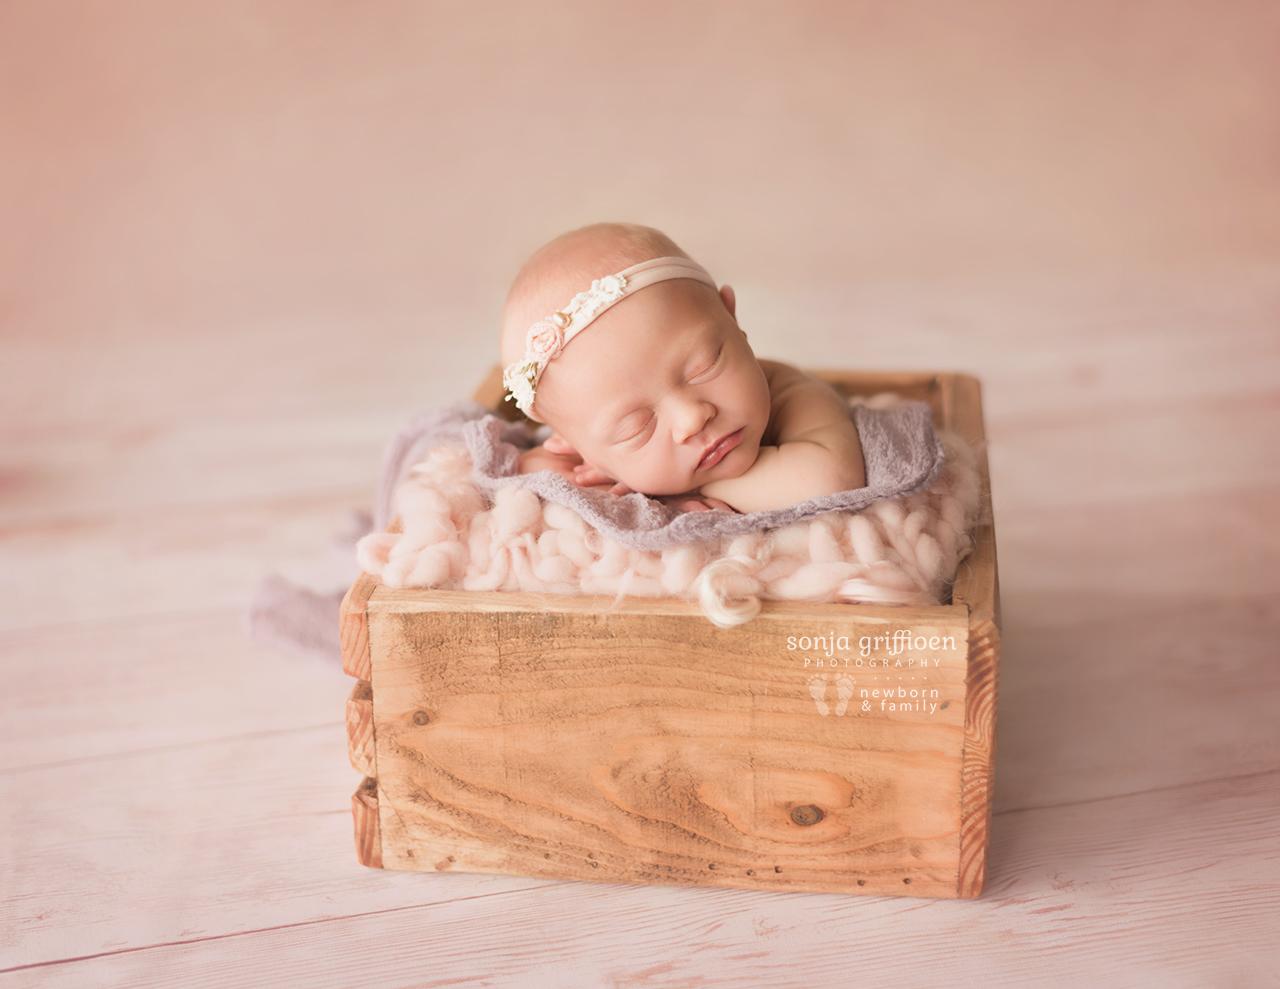 Elsie-Newborn-Brisbane-Newborn-Photographer-Sonja-Griffioen-03.jpg